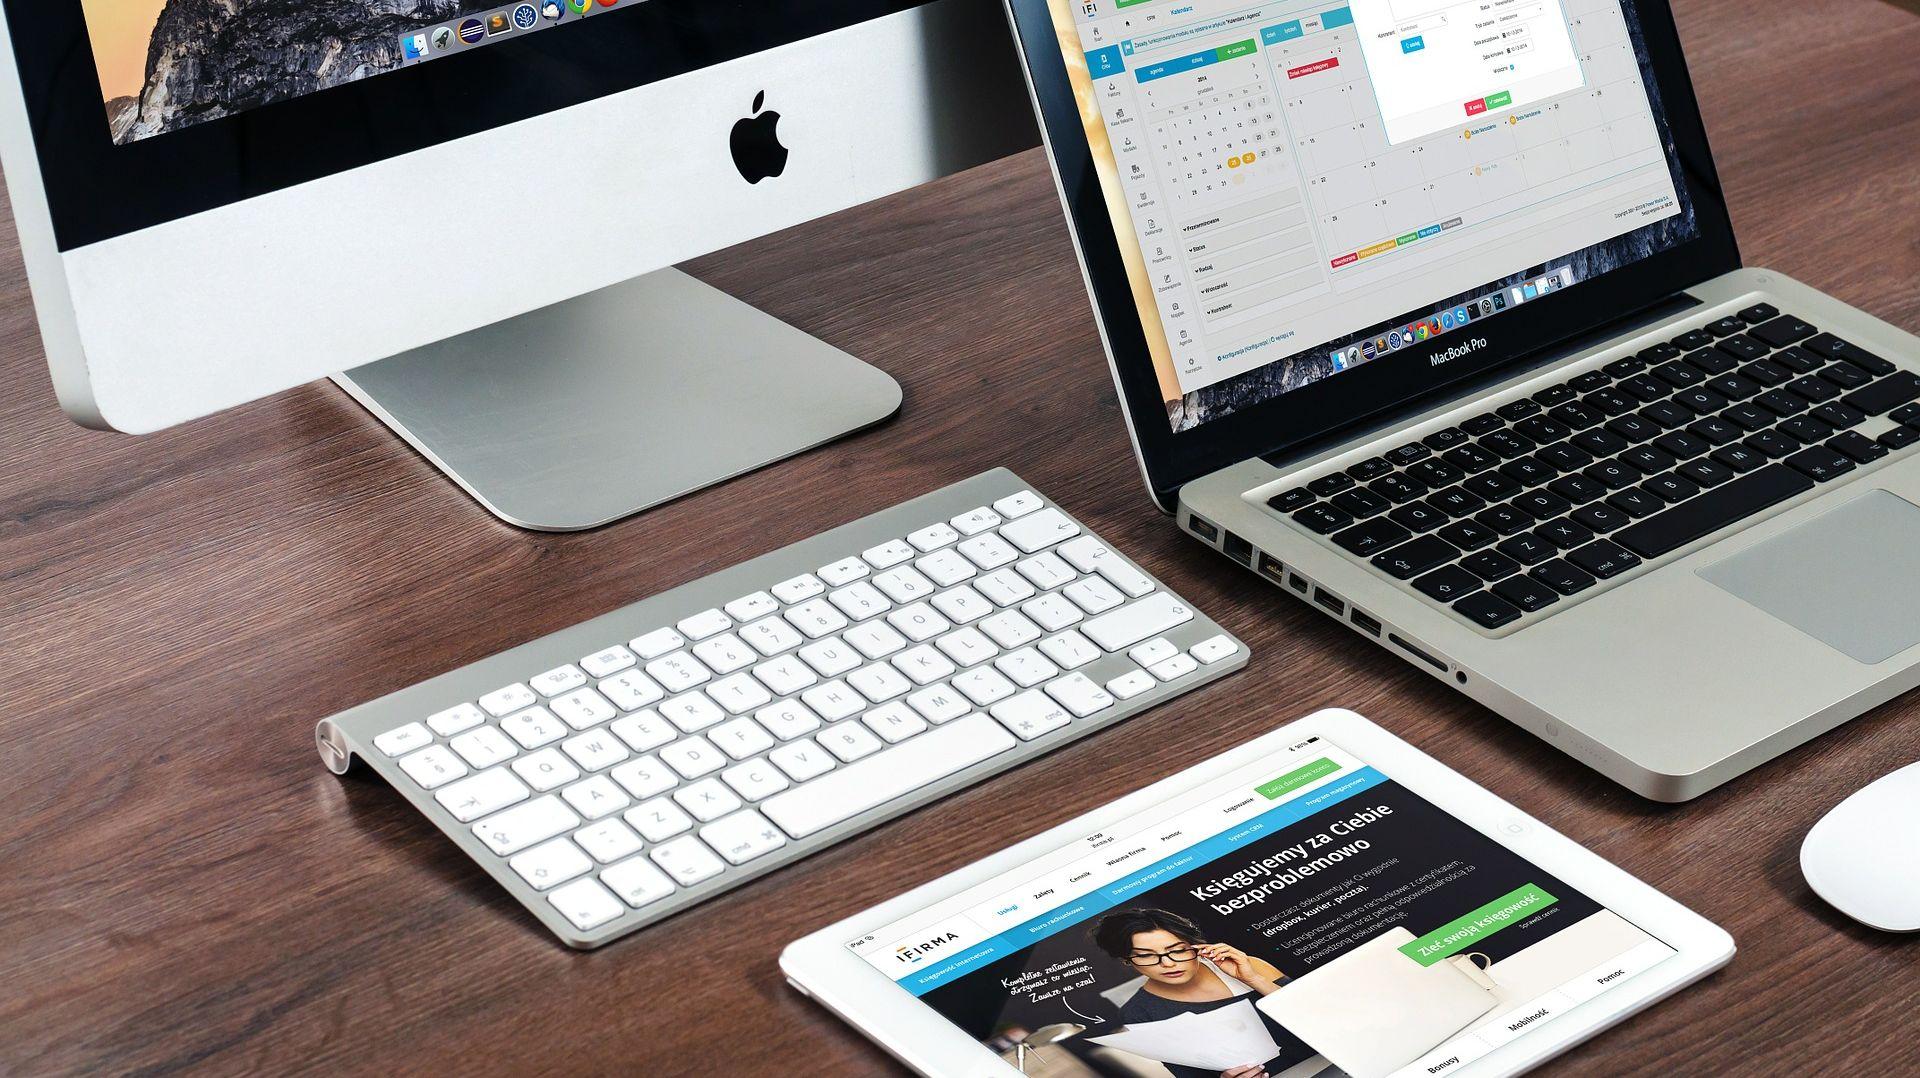 Vendas dos principais produtos da Apple caem no trimestre mais recente